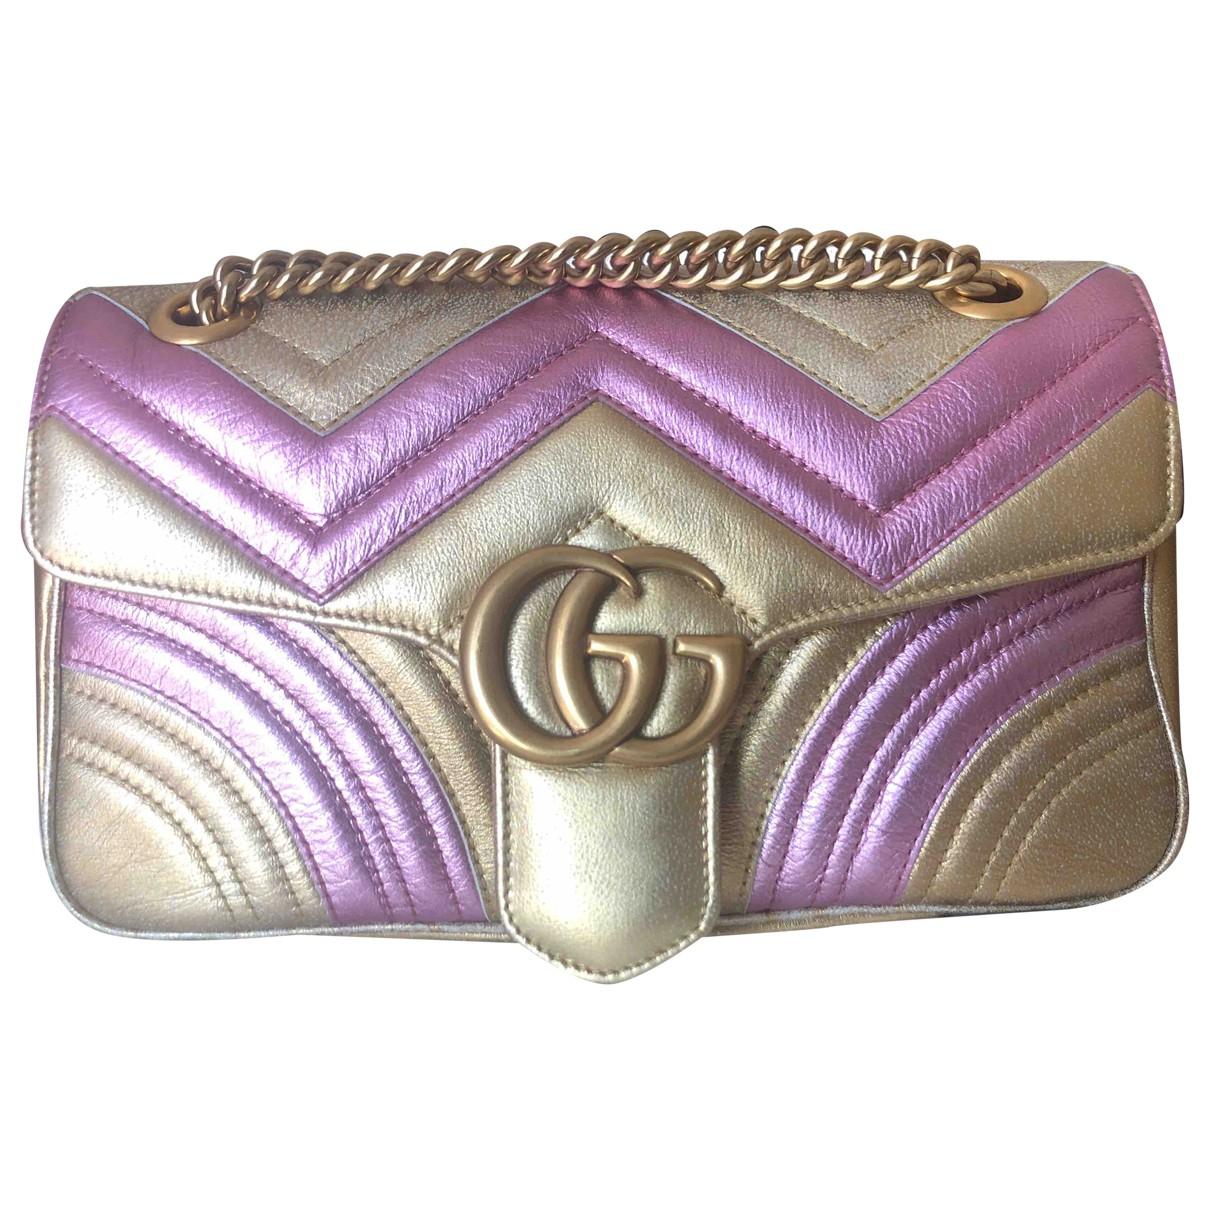 Gucci - Sac a main Marmont pour femme en cuir - metallise